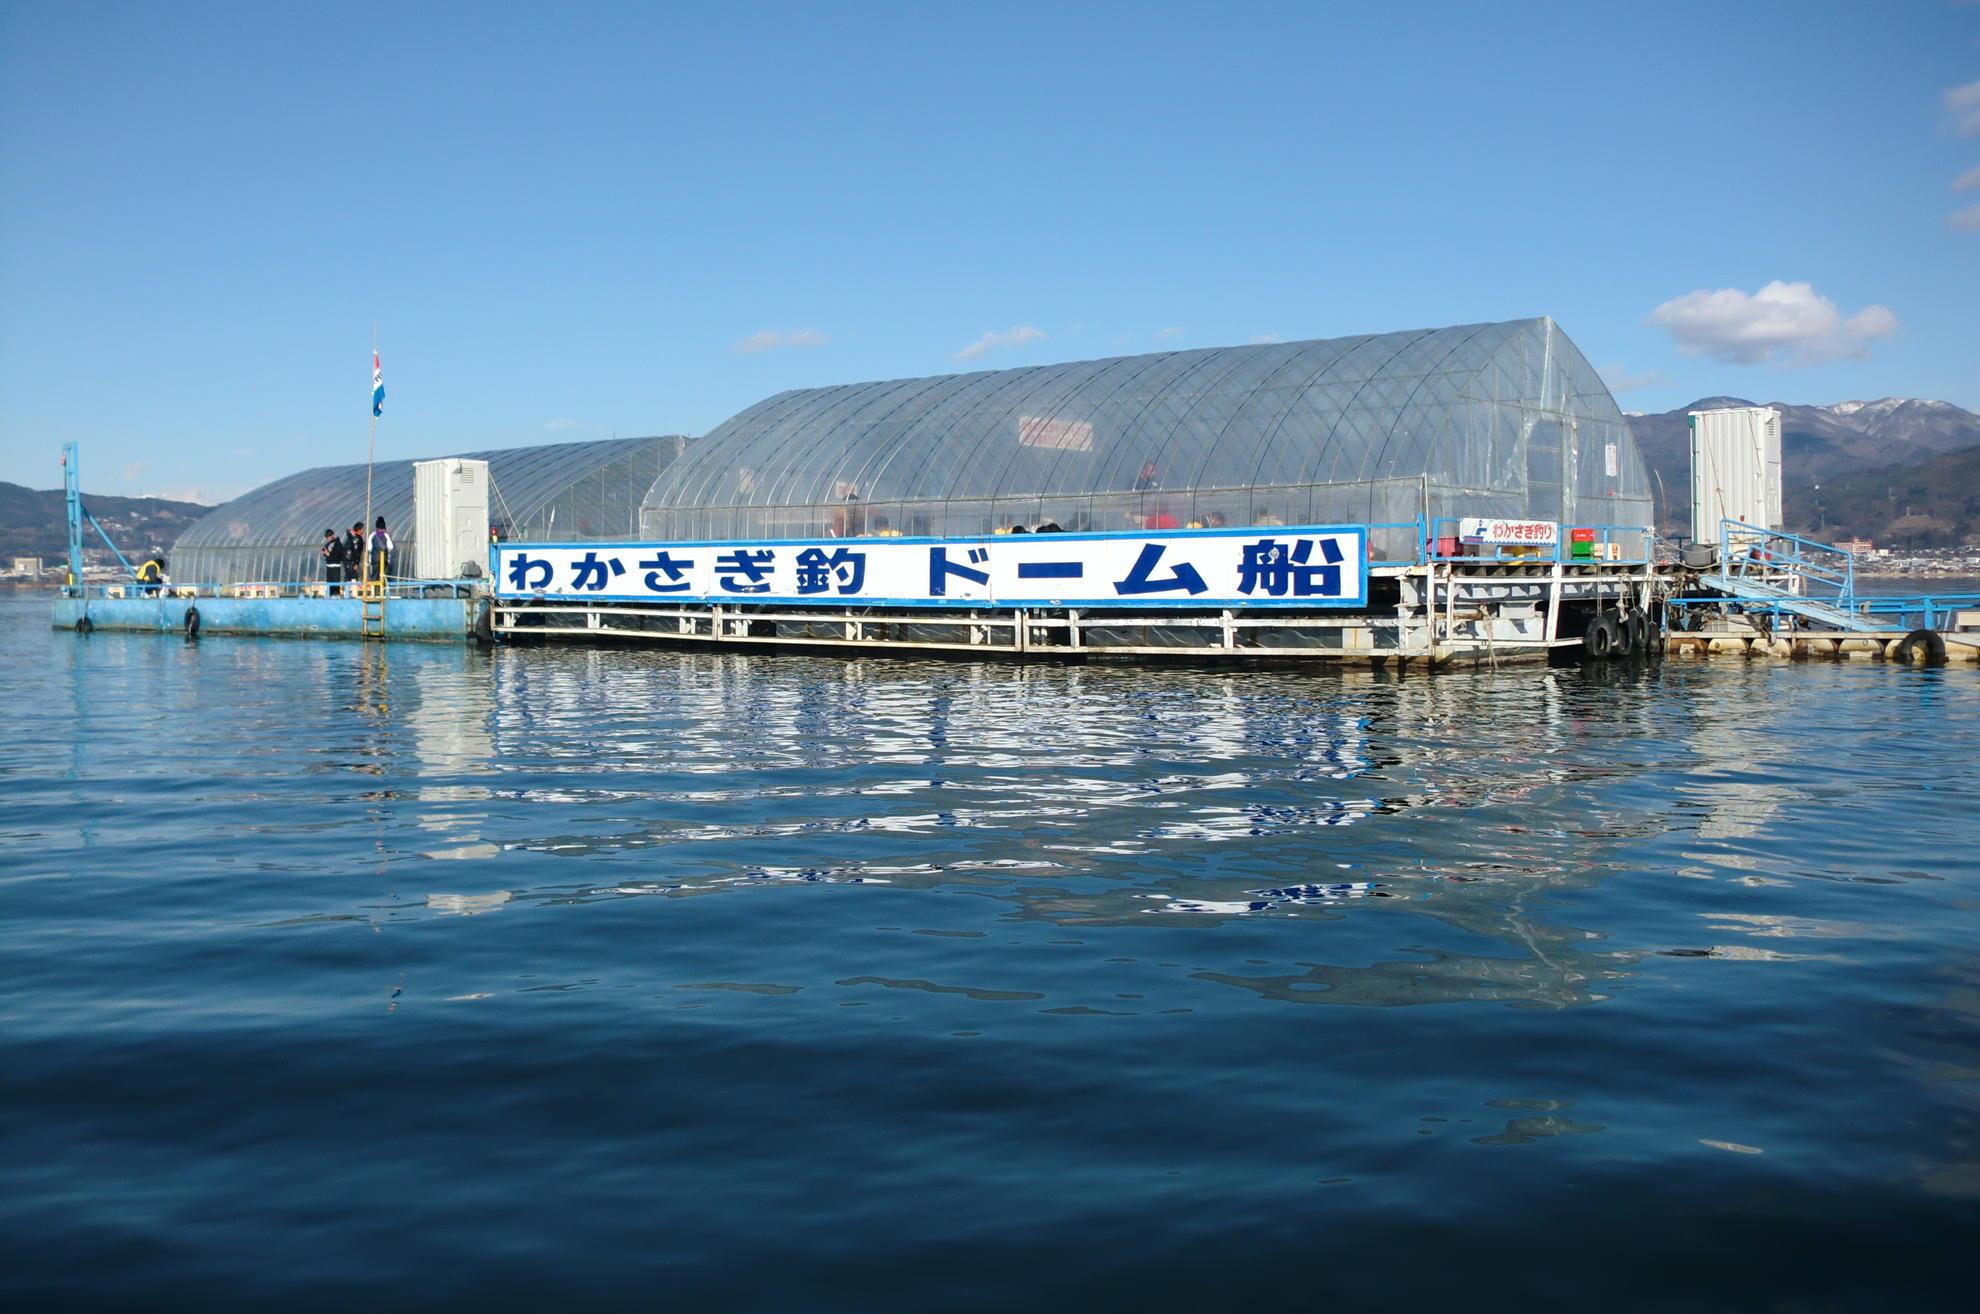 諏訪湖わかさぎ釣り / 諏訪湖釣舟センター・諏訪湖レジャーセンター